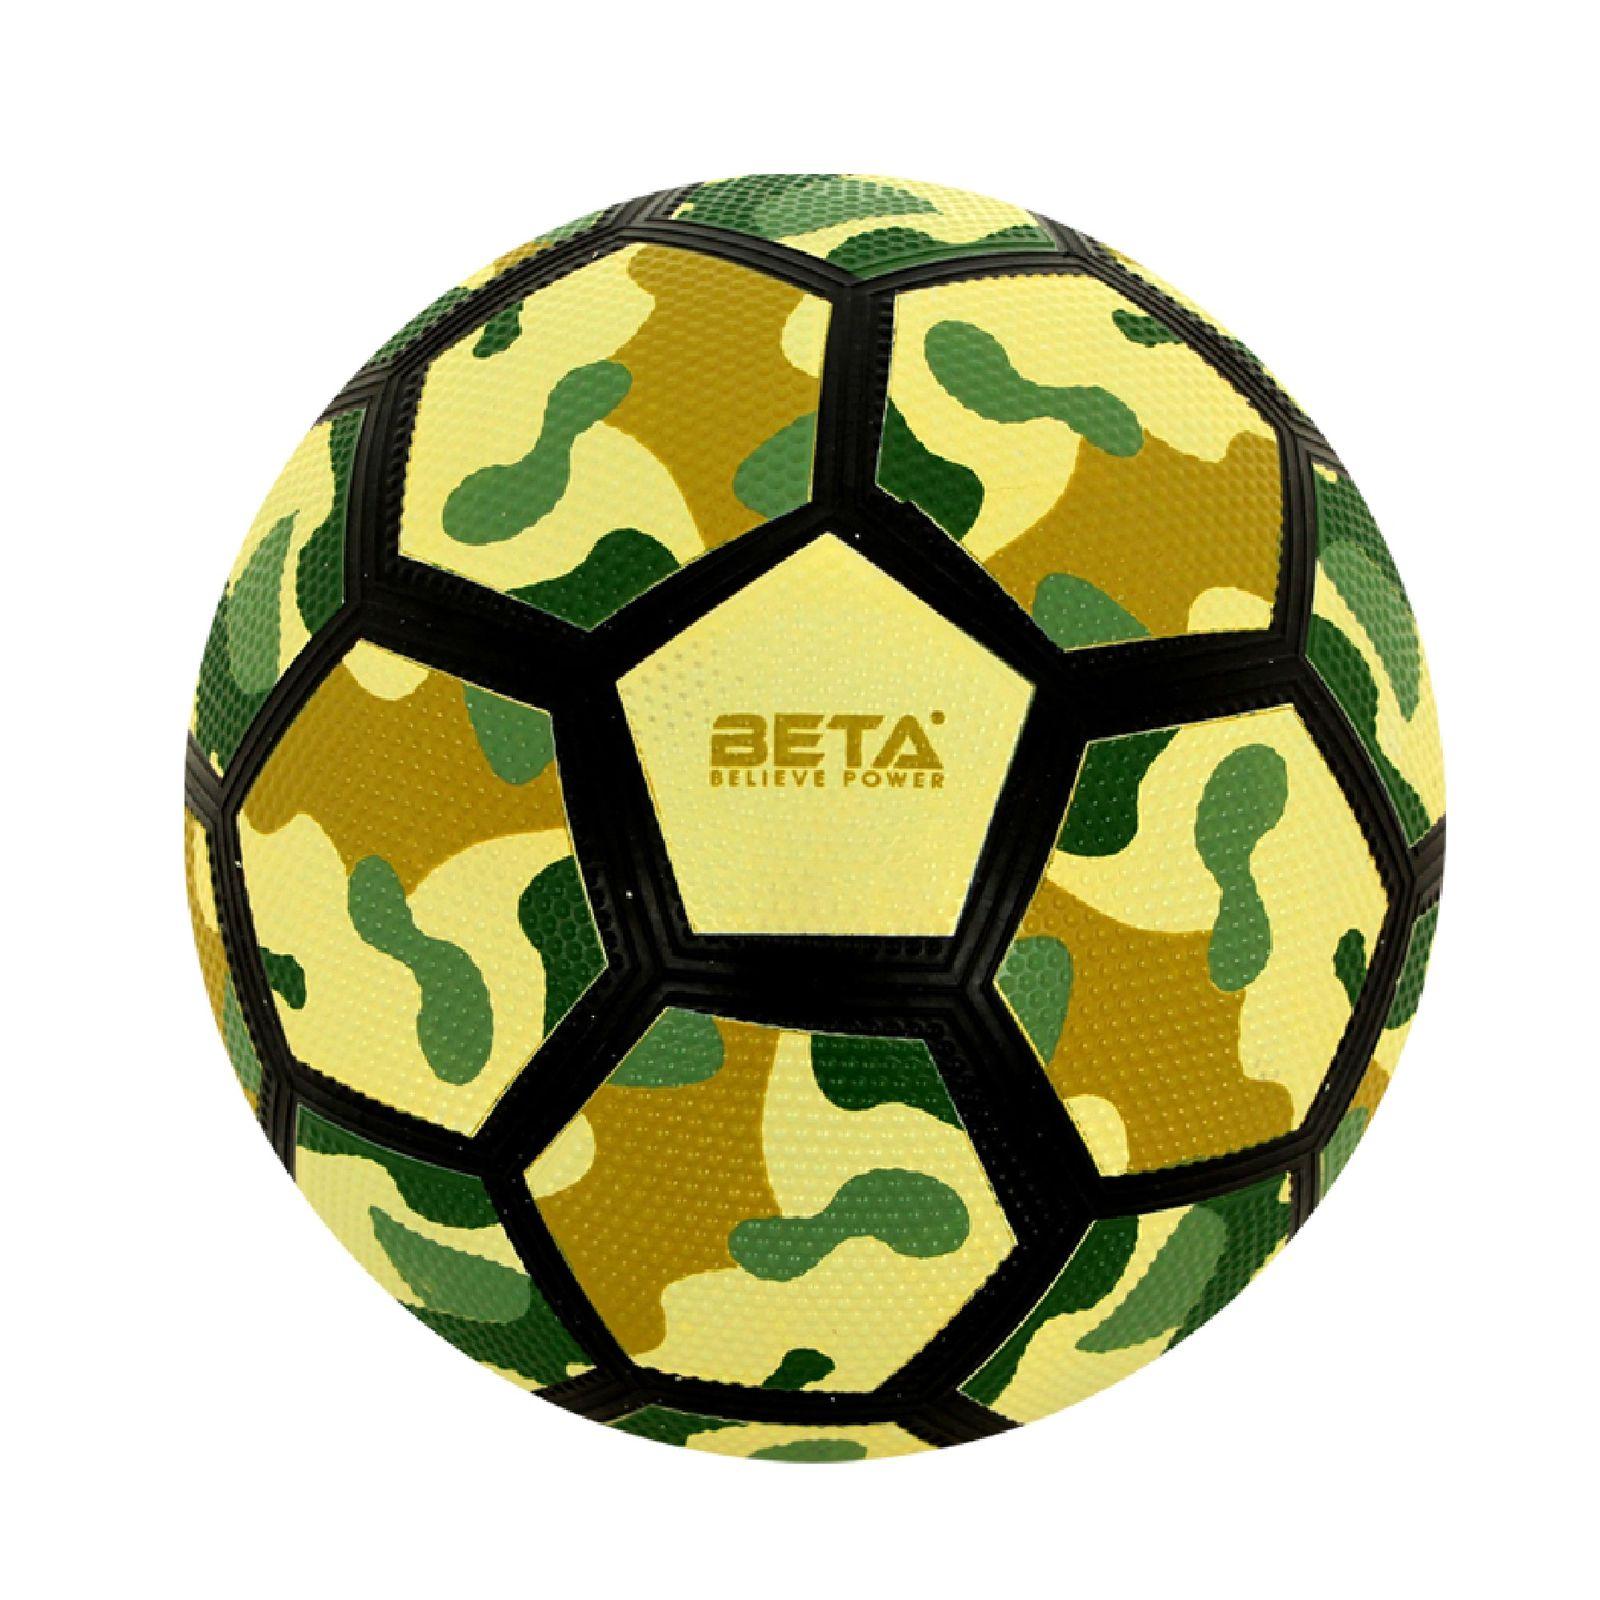 توپ فوتبال بتا مدل 0001 -  - 1